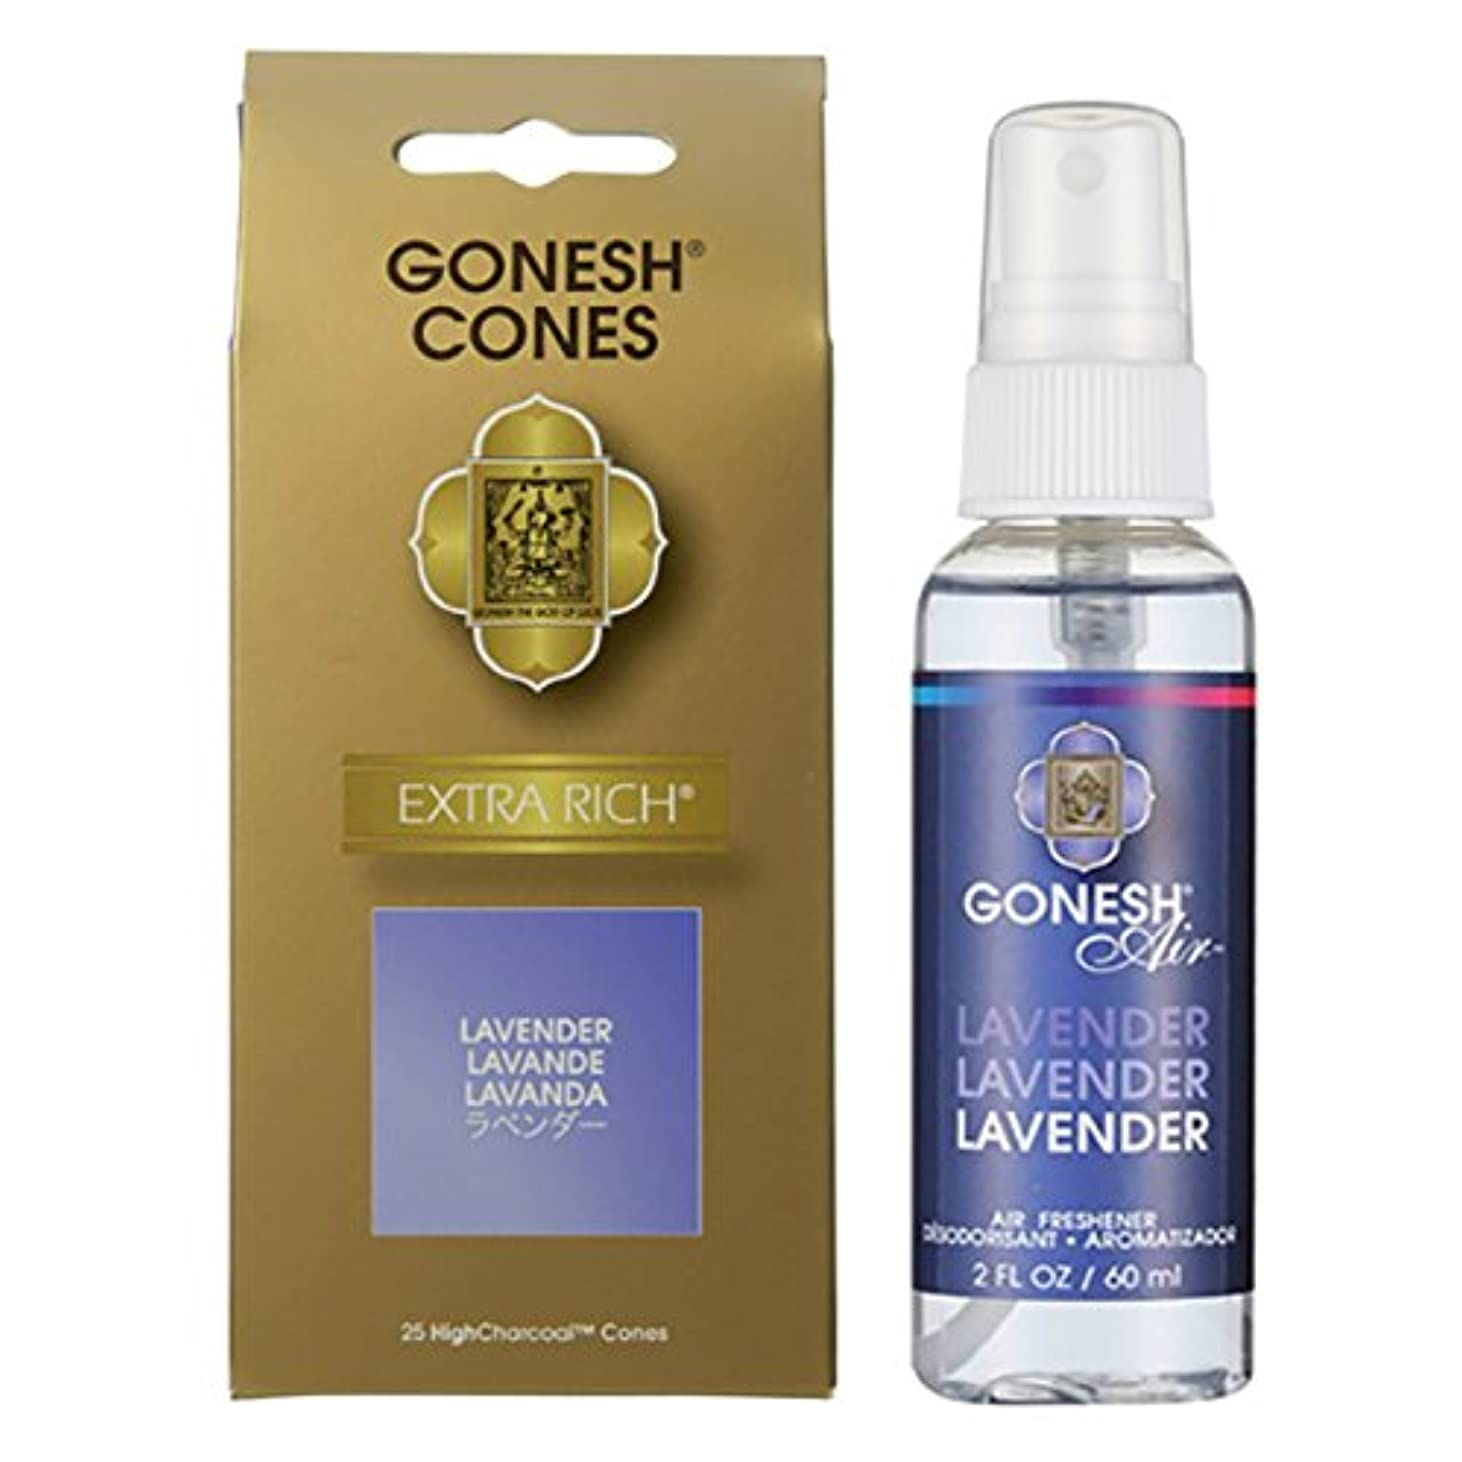 エキゾチック角度疫病GONESH ラベンダー 2点セット(お香コーン?スプレーエアフレッシュナー)